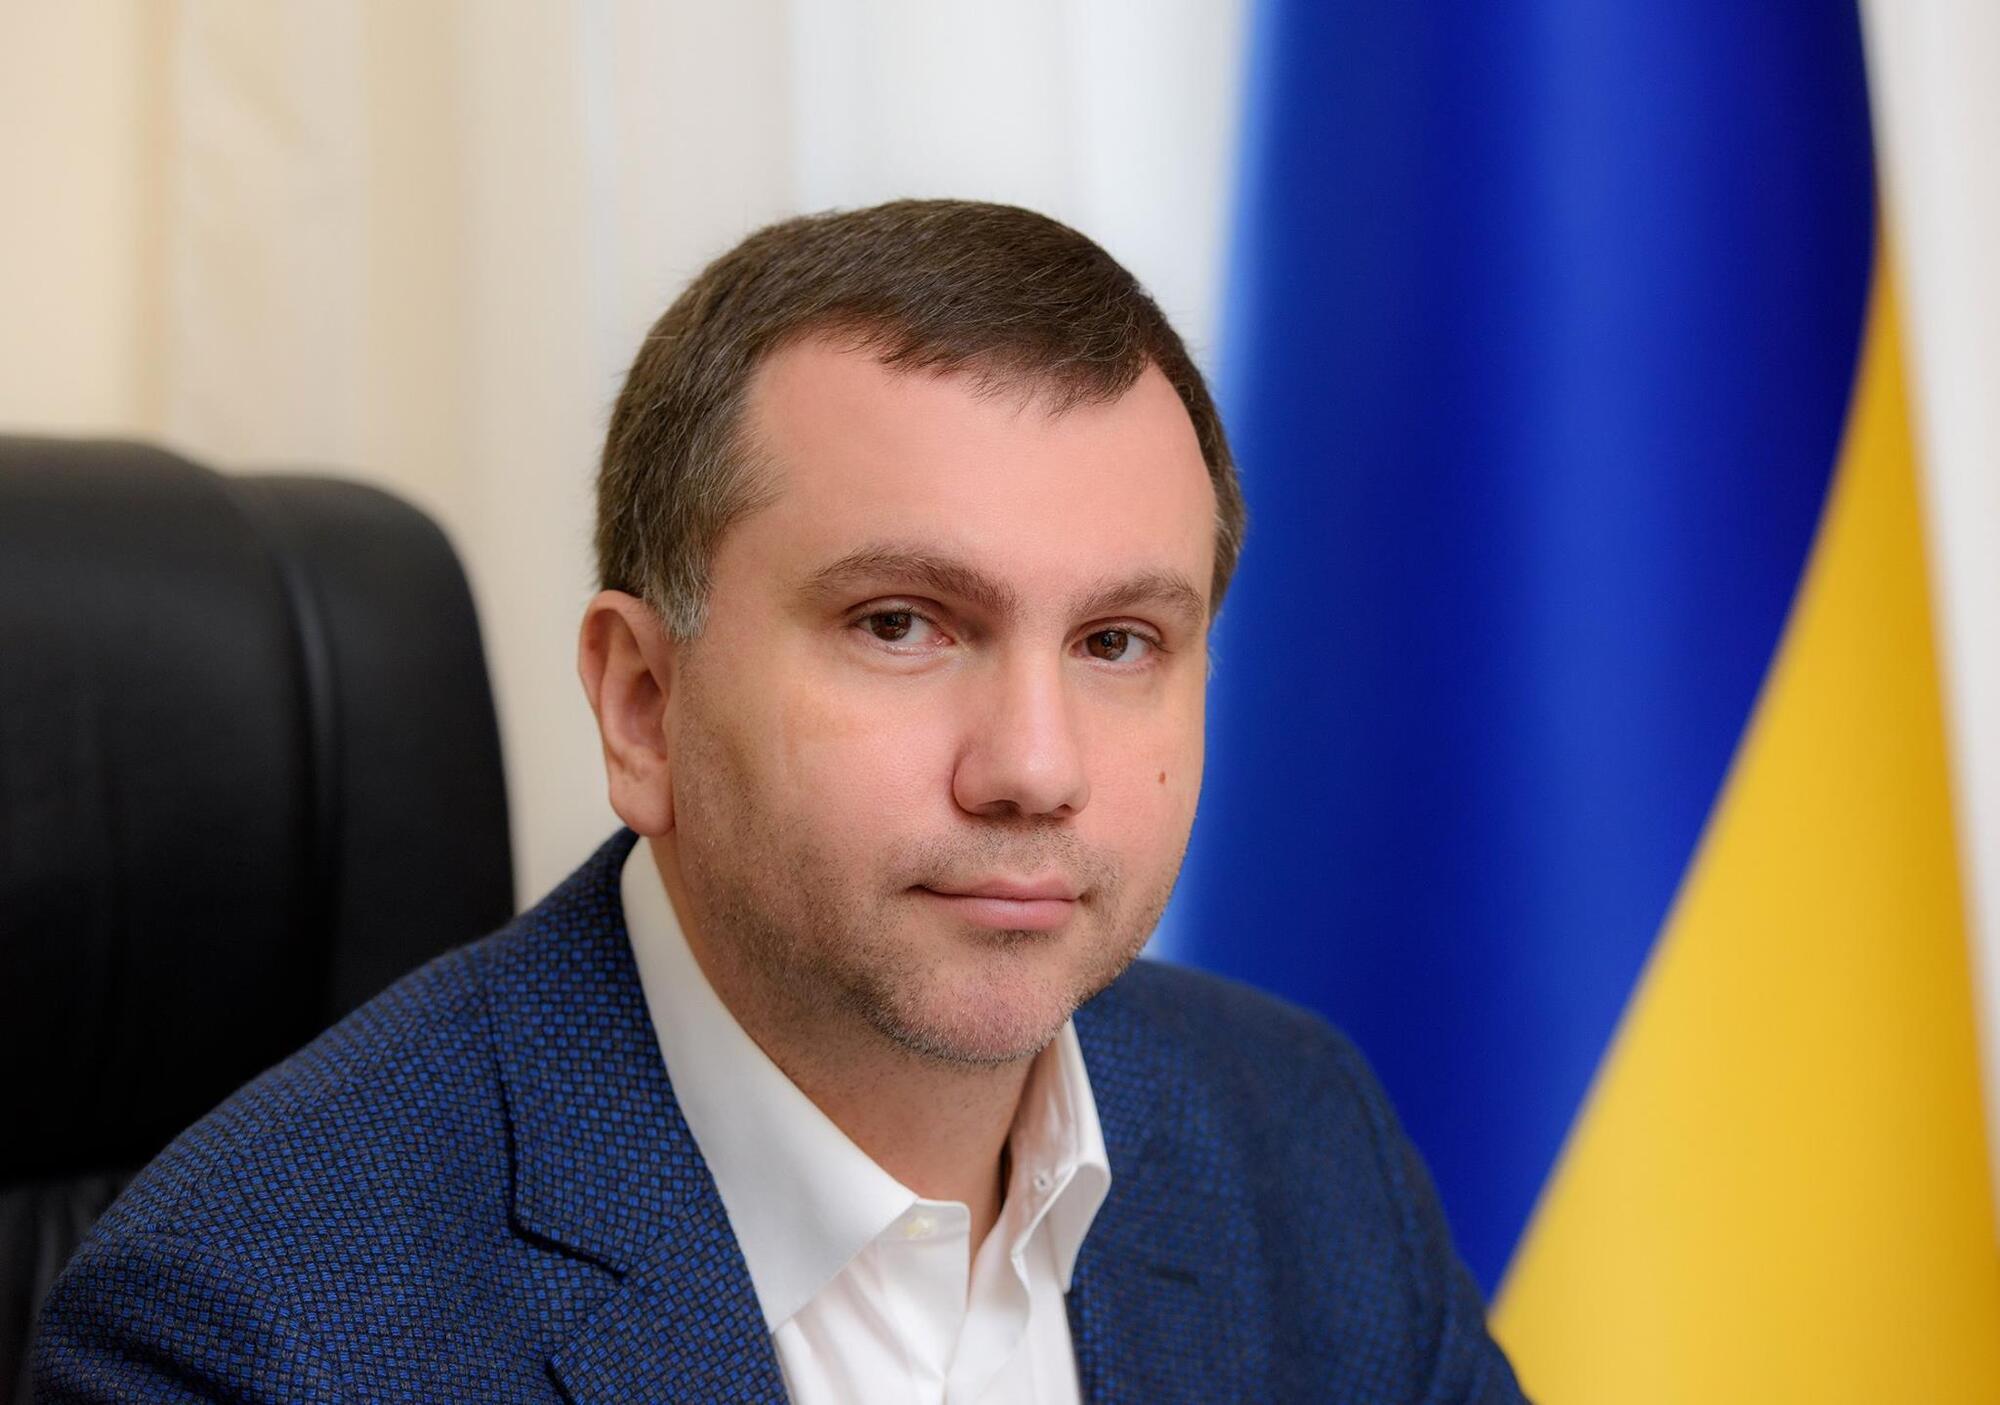 Голова ОАСК висловив нейтральну позицію щодо ініціативи Зеленського забрати повноваження в суду.